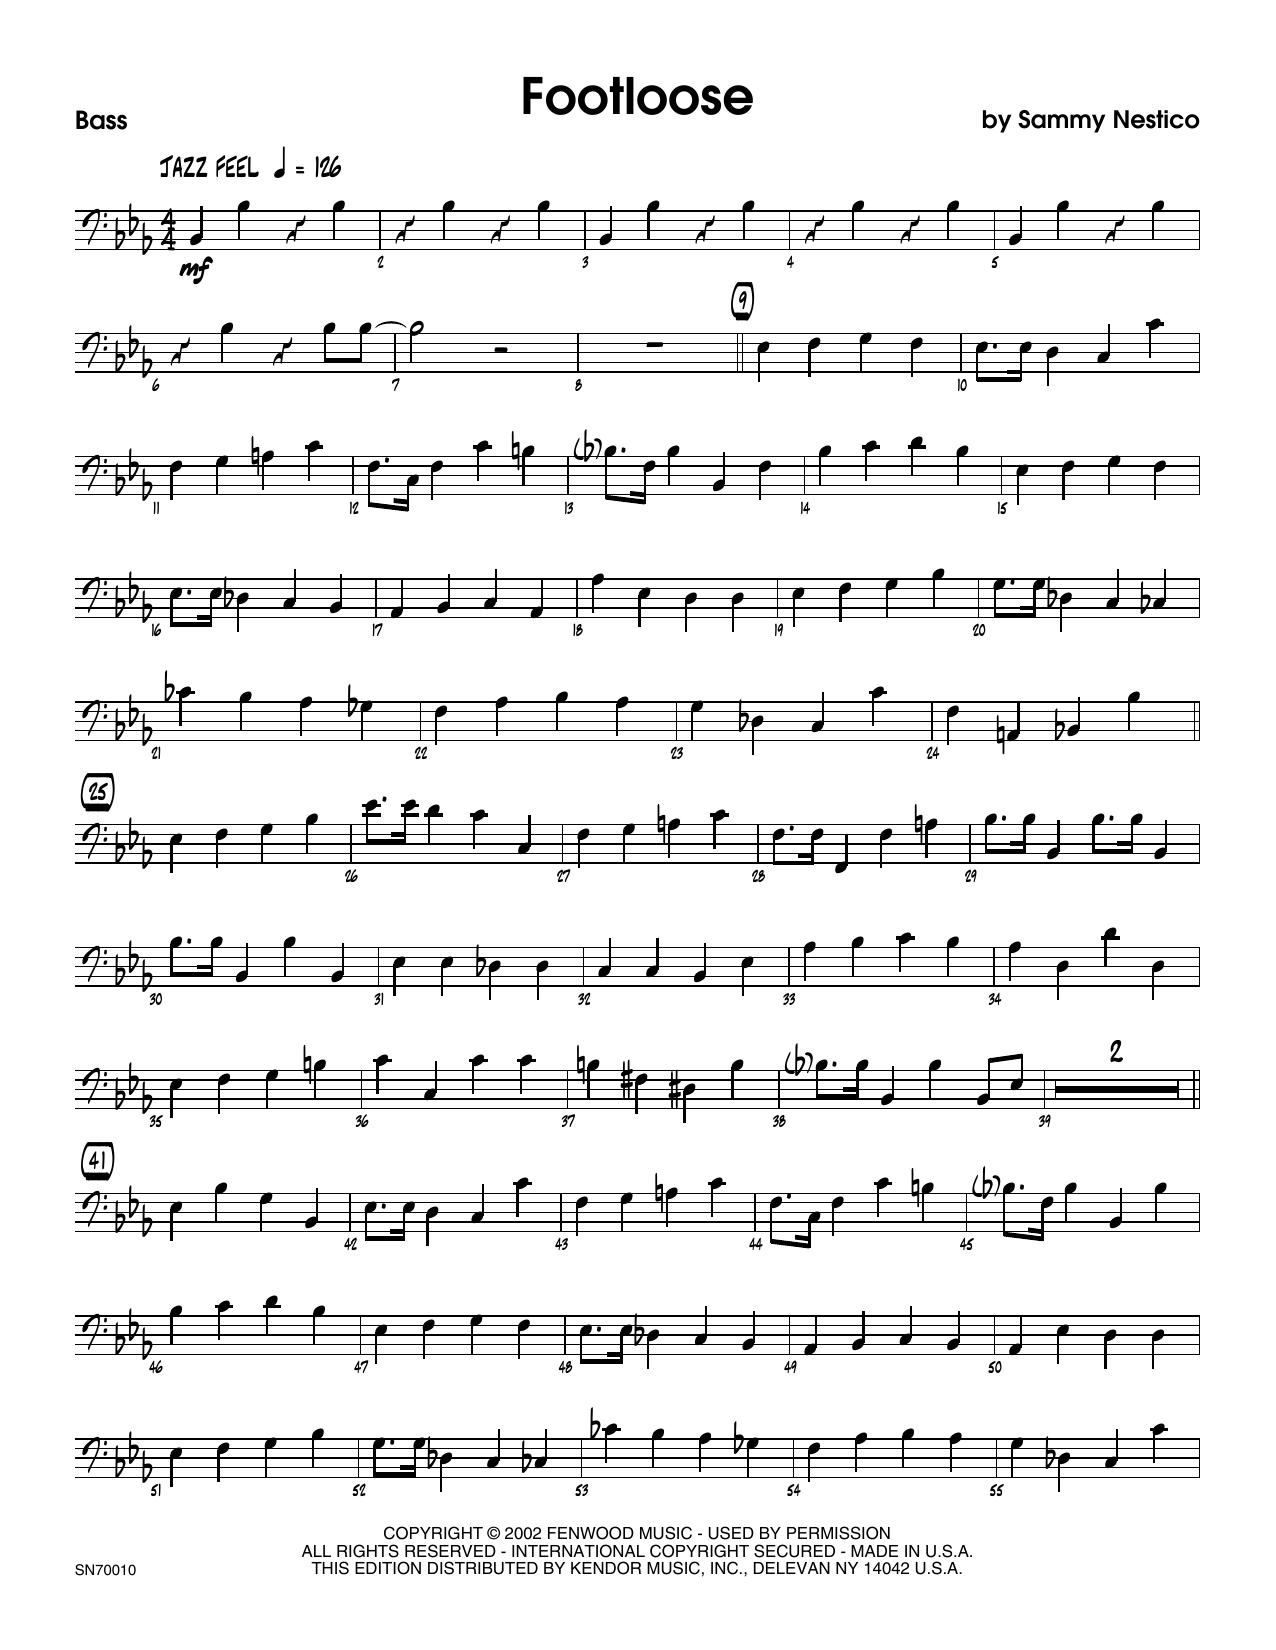 Footloose - Bass Sheet Music